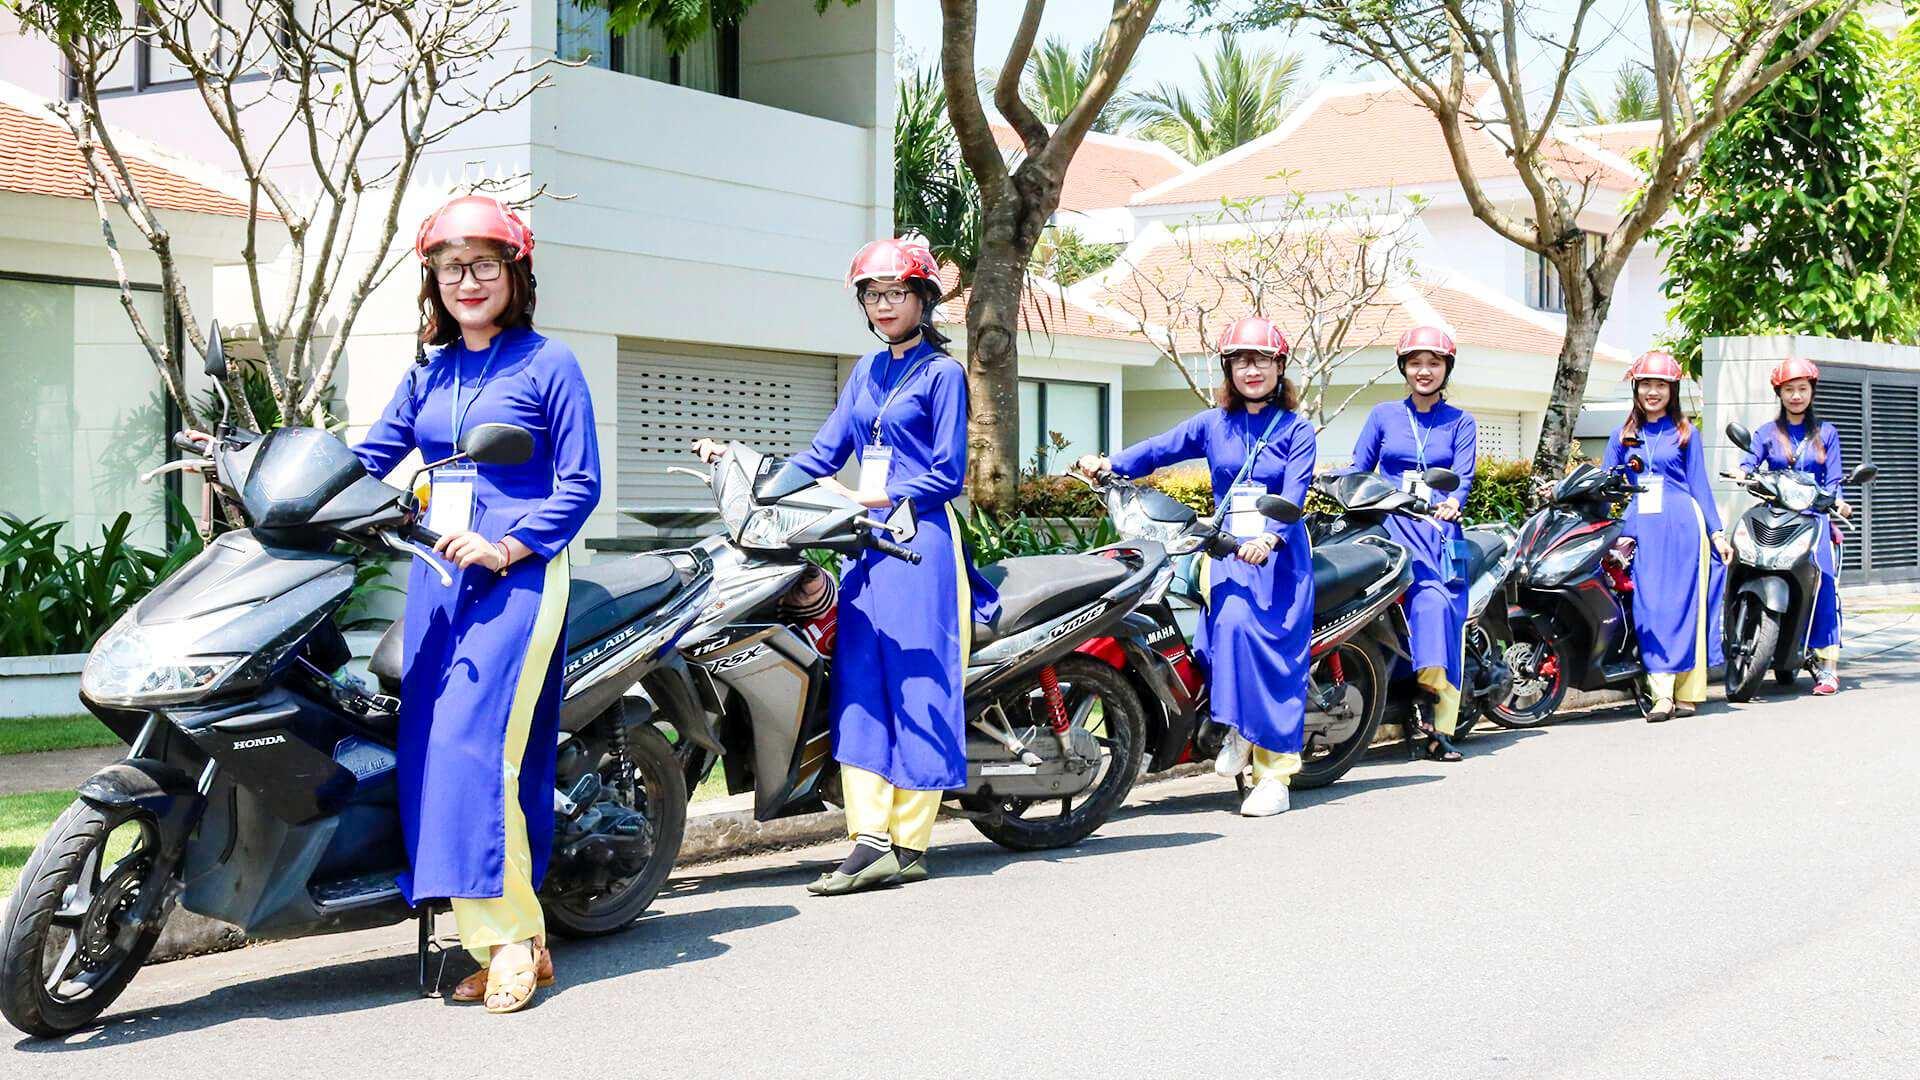 【峴港深度之旅】摩托車市區觀光、美食探險半日遊